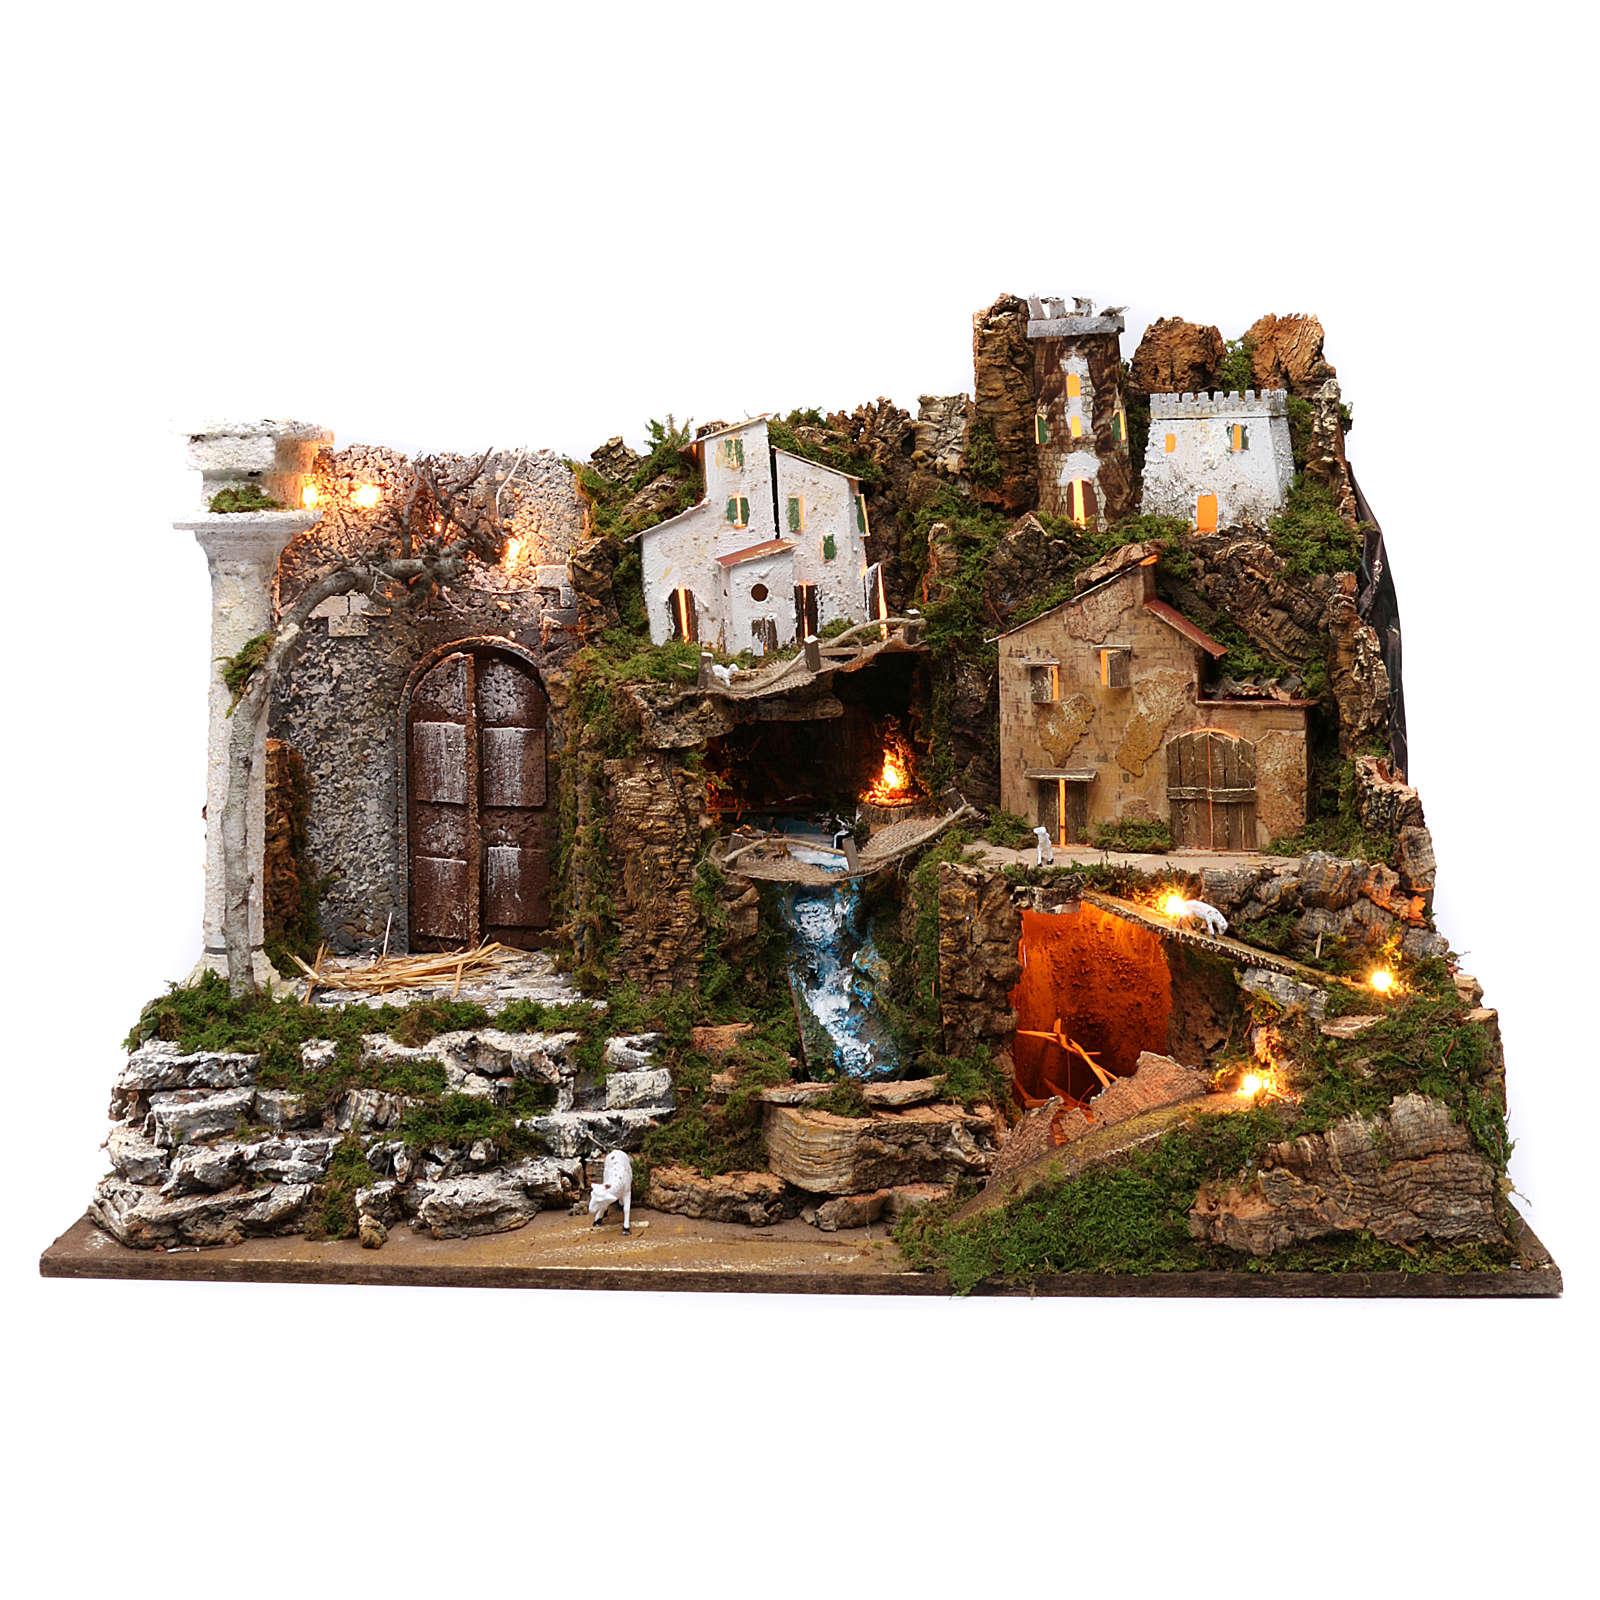 Villaggio con cascata e luci 50x75x40 cm 4